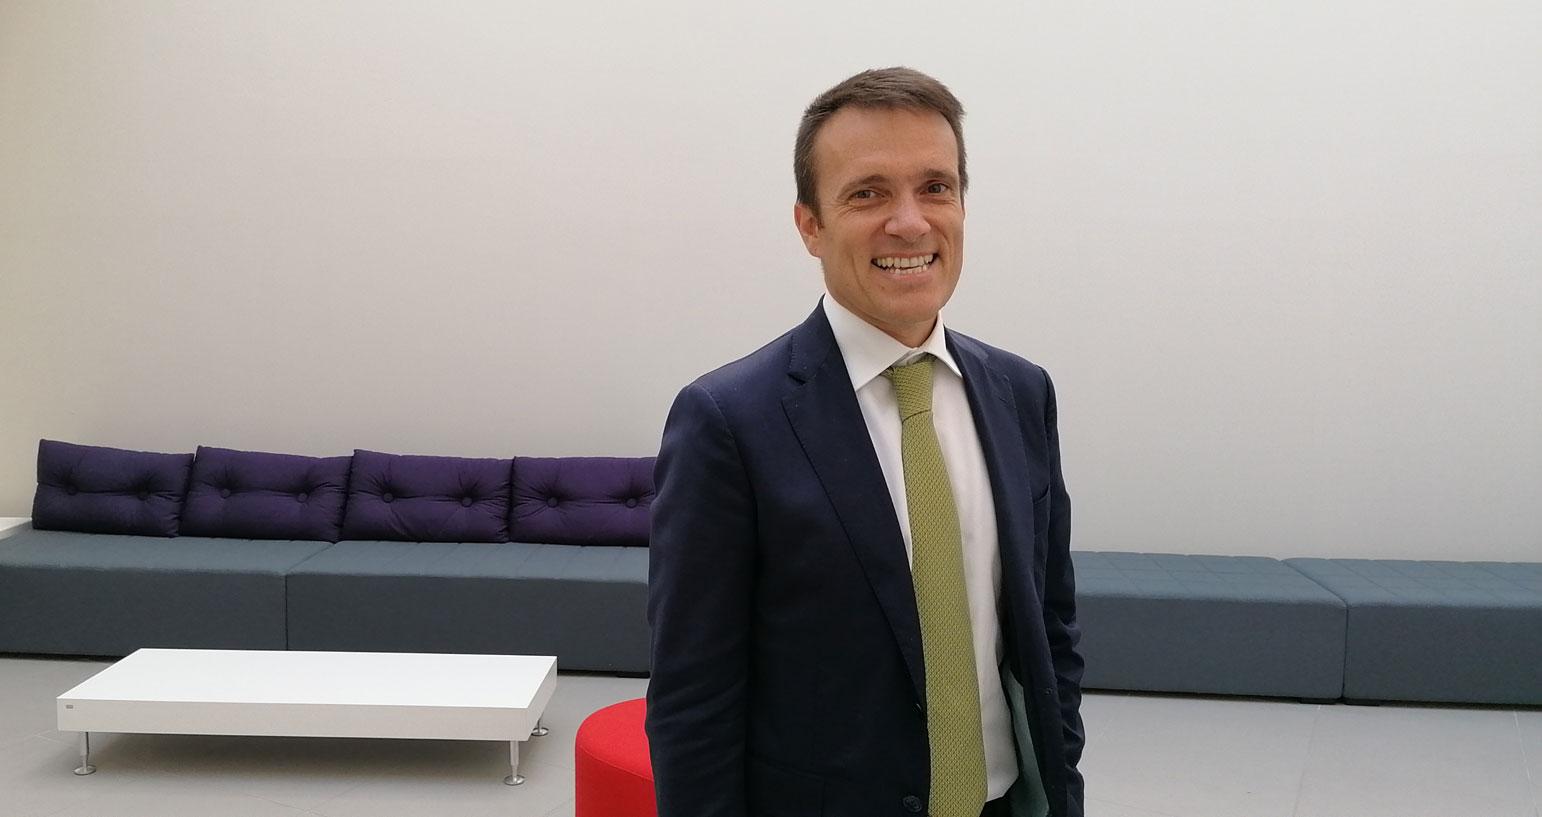 Massimo Mazzocchi, vice president Nokia mediterranean